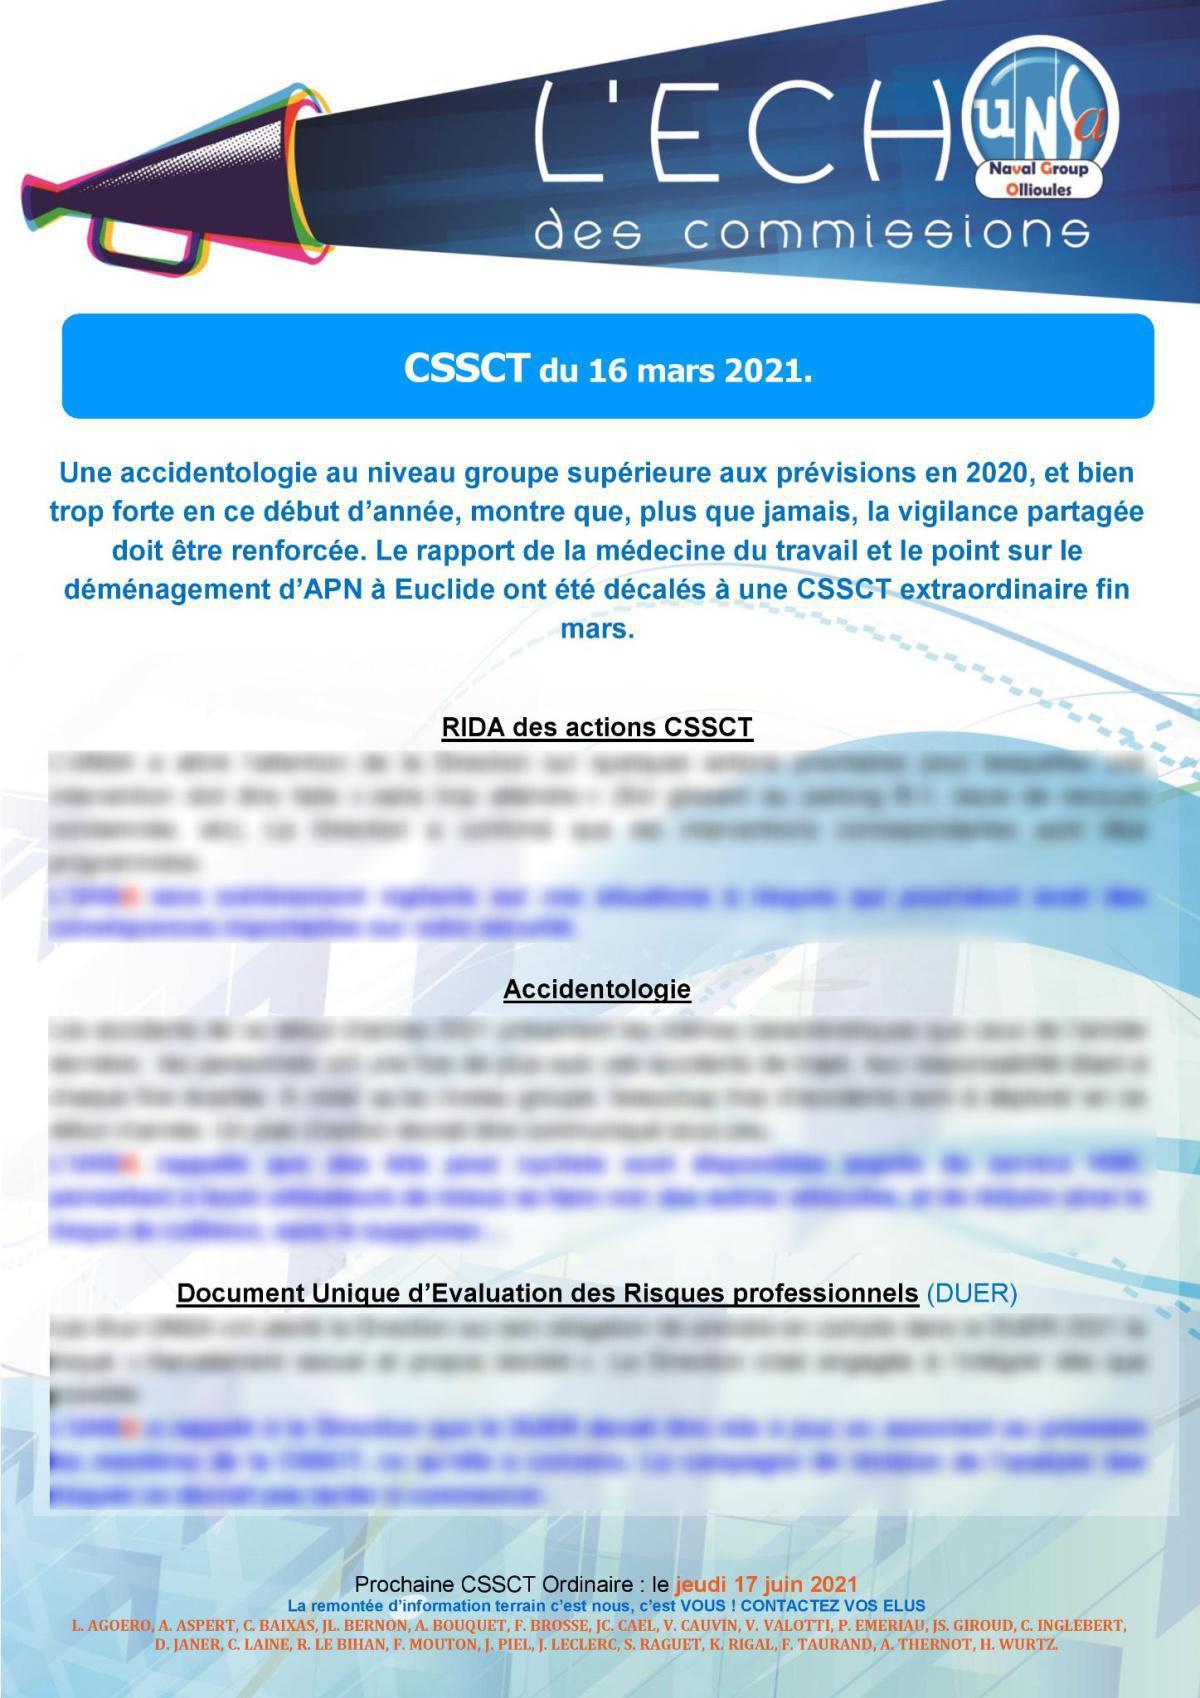 L'Echo des Commissions d'Ollioules - réunion du 16 mars 2021